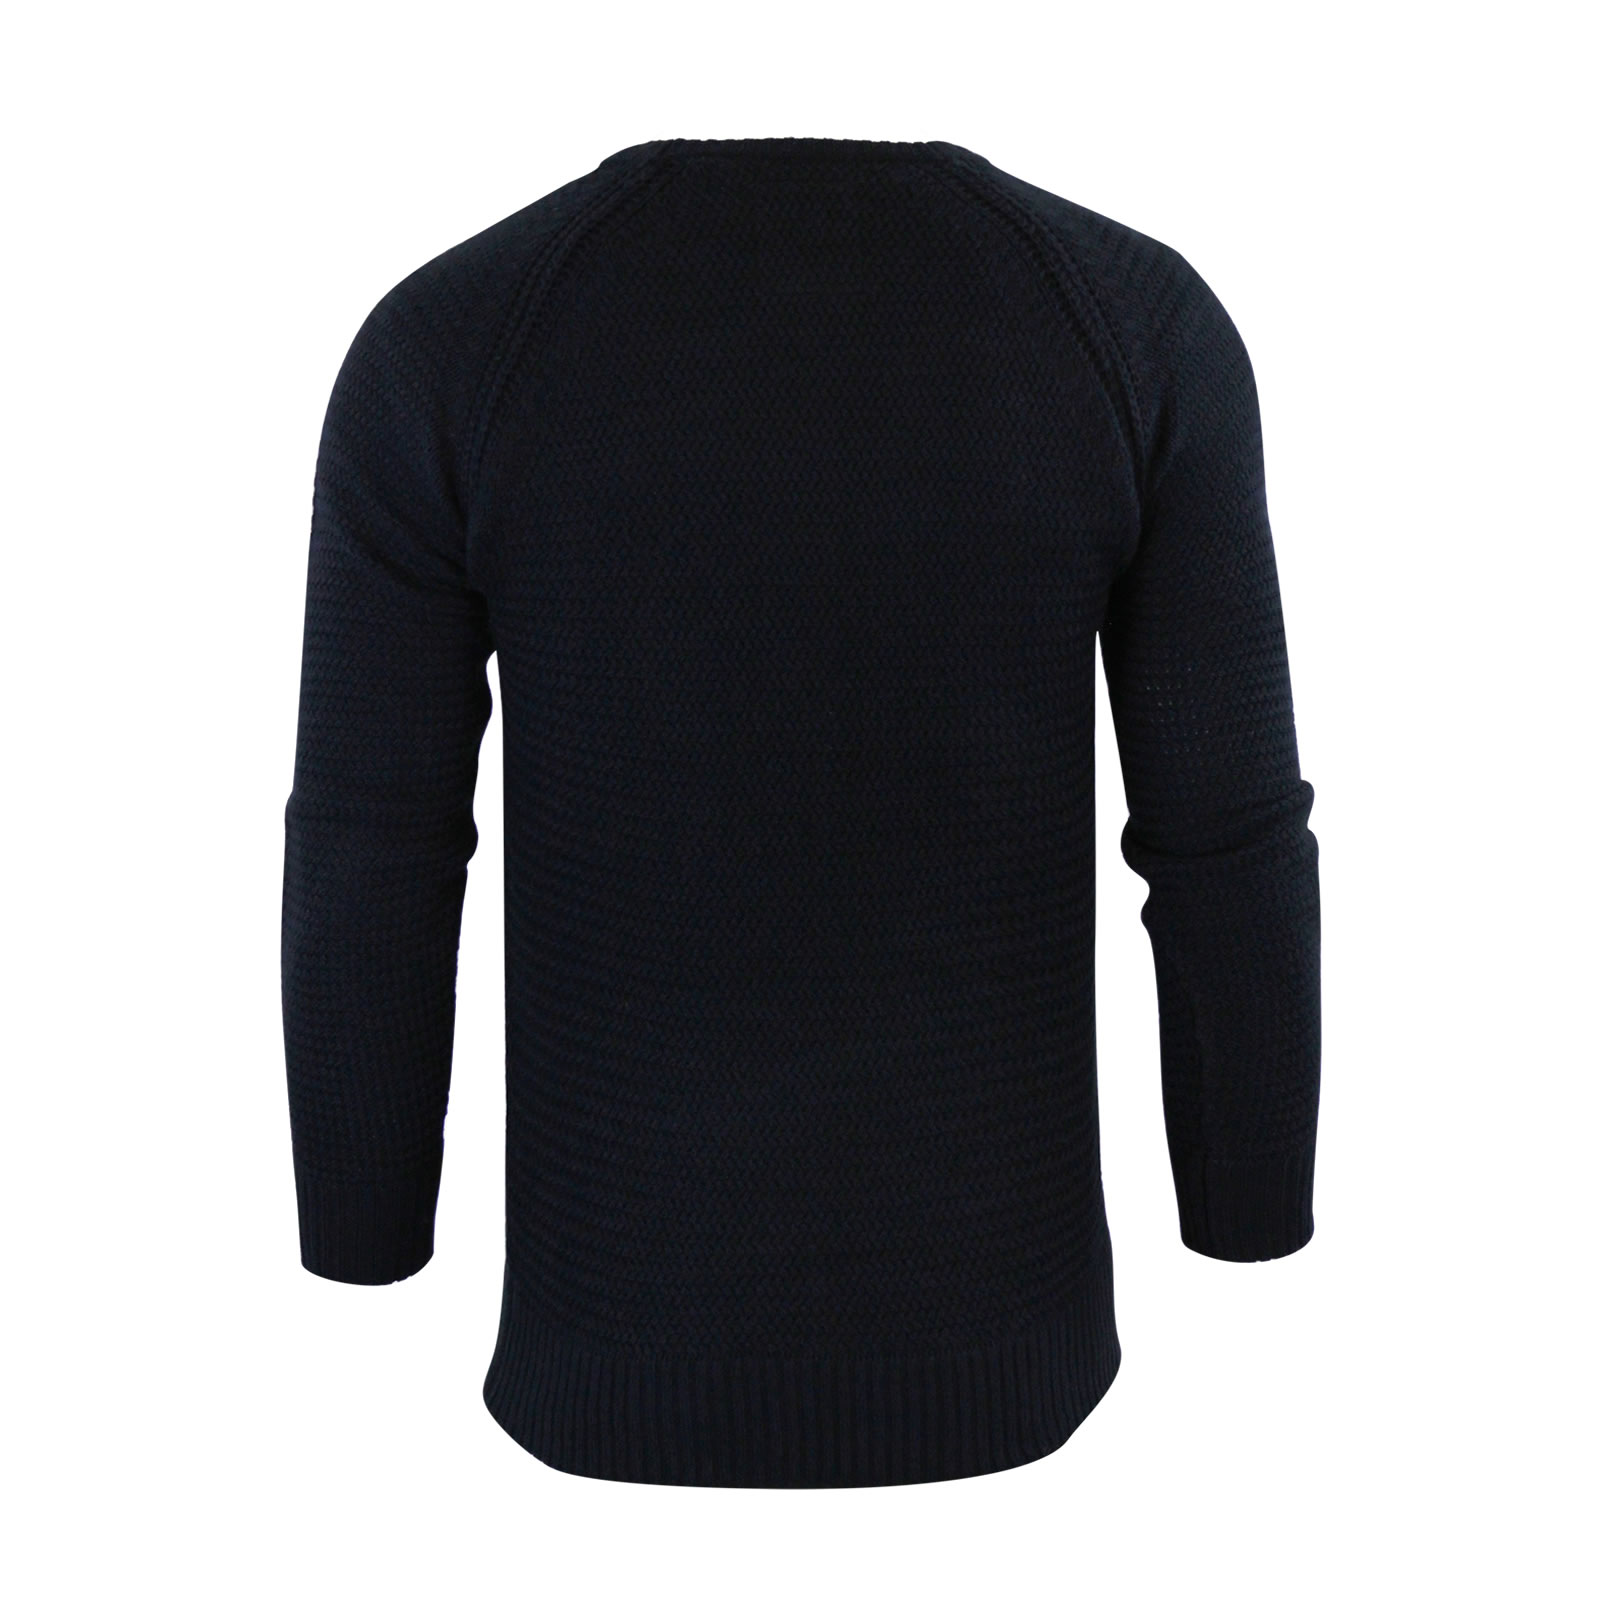 herren-pullover-brave-soul-columbia-weave-strick-rundhals-winterpulli Indexbild 6